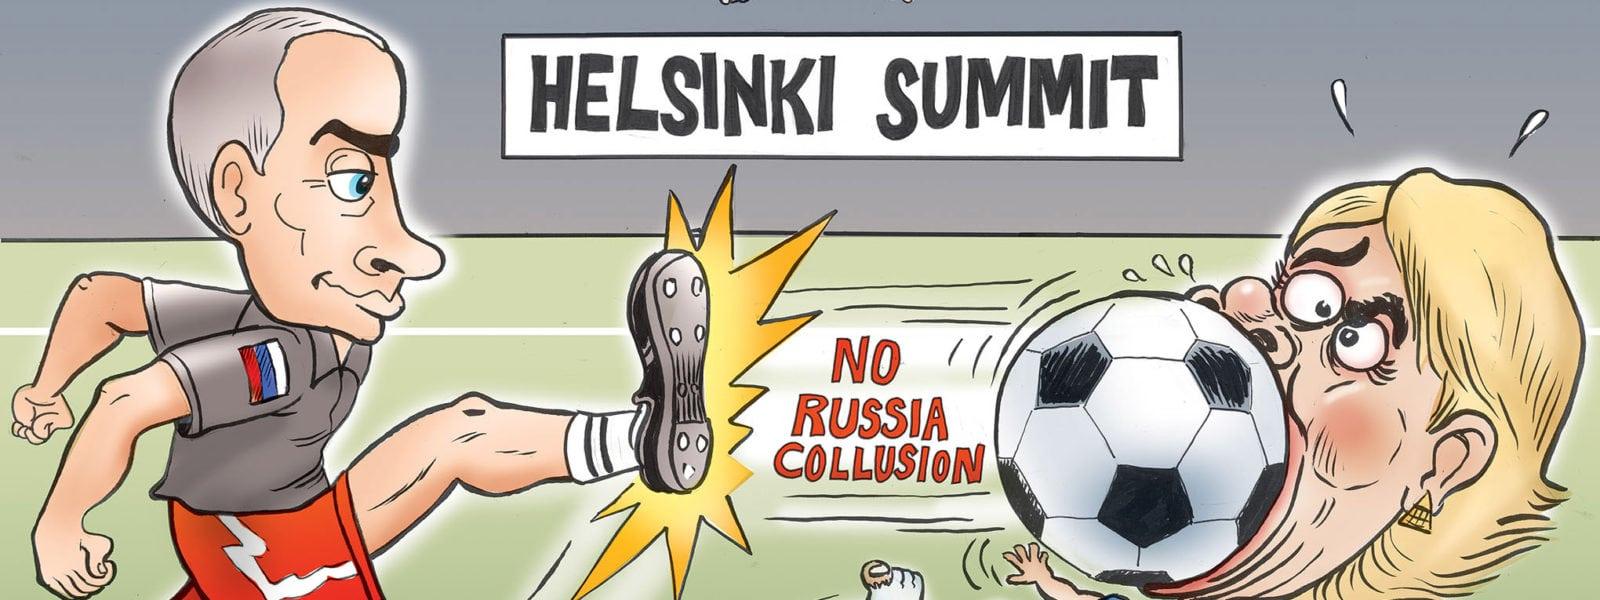 Game over- No Russian Collusion